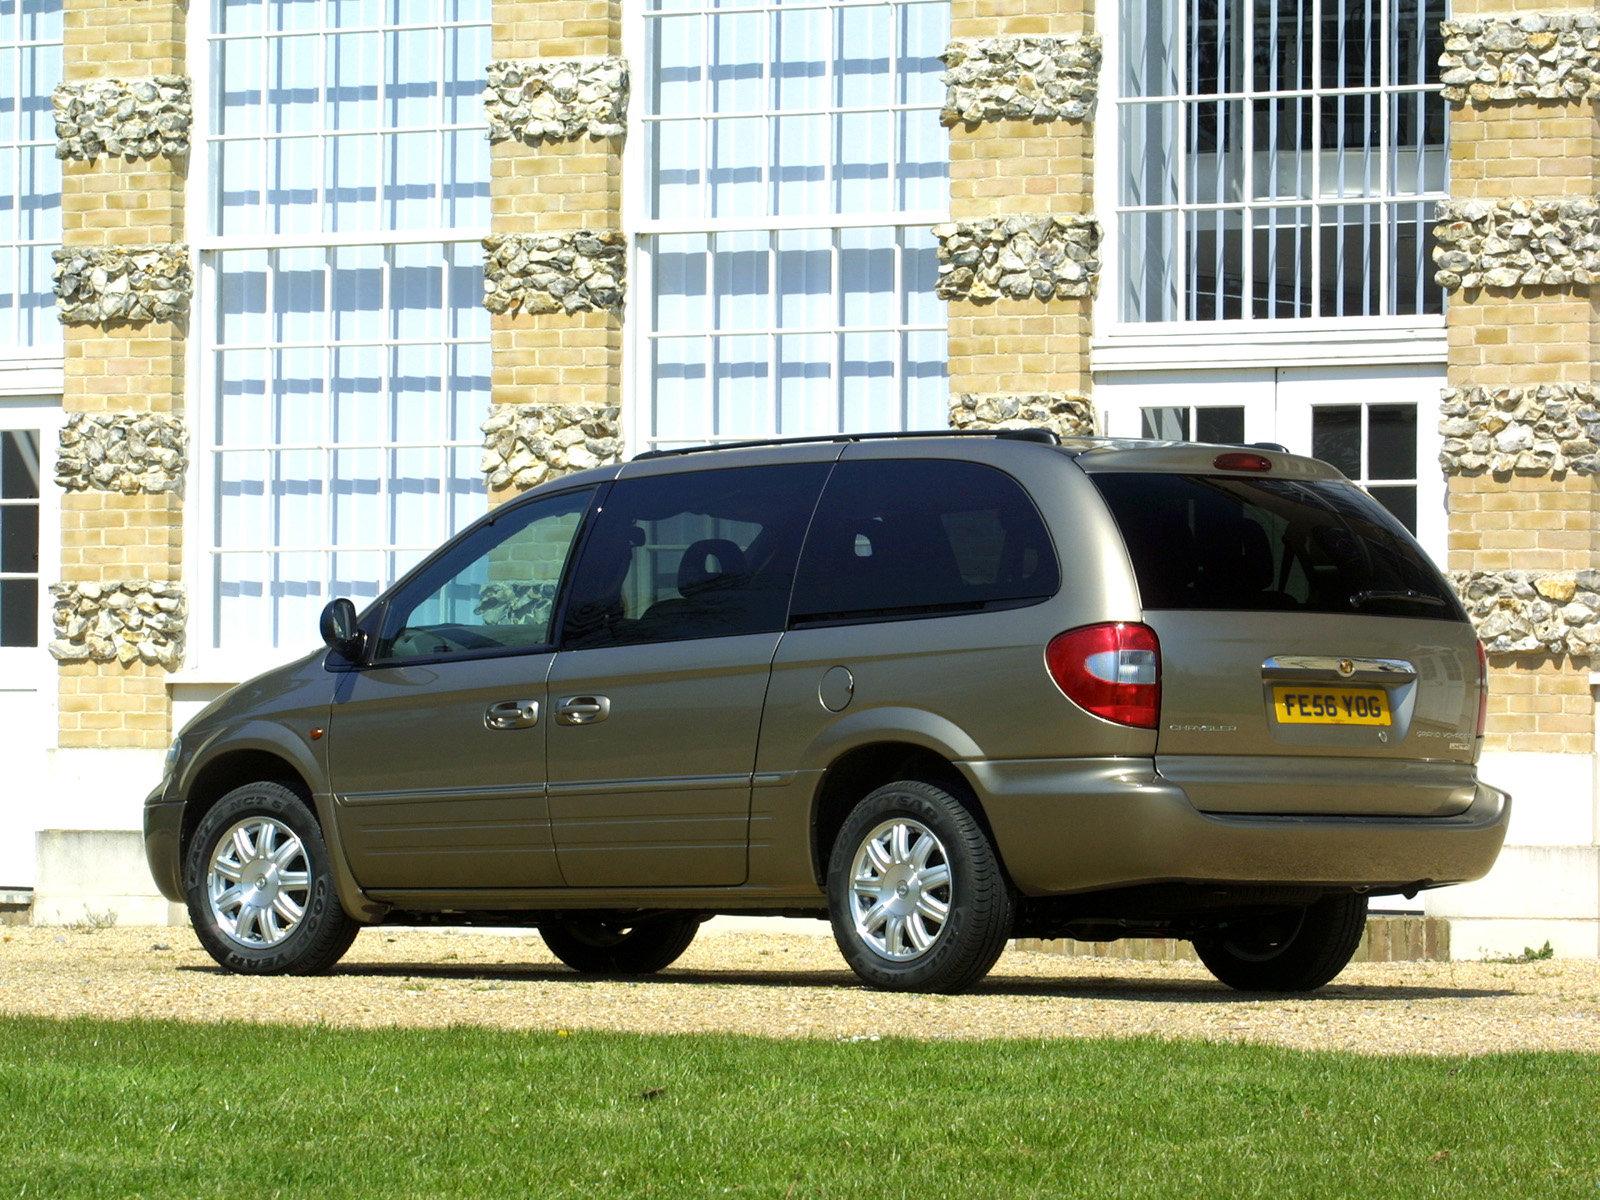 Chrysler (Крайслер) Grand Voyager 2004-2008 г.